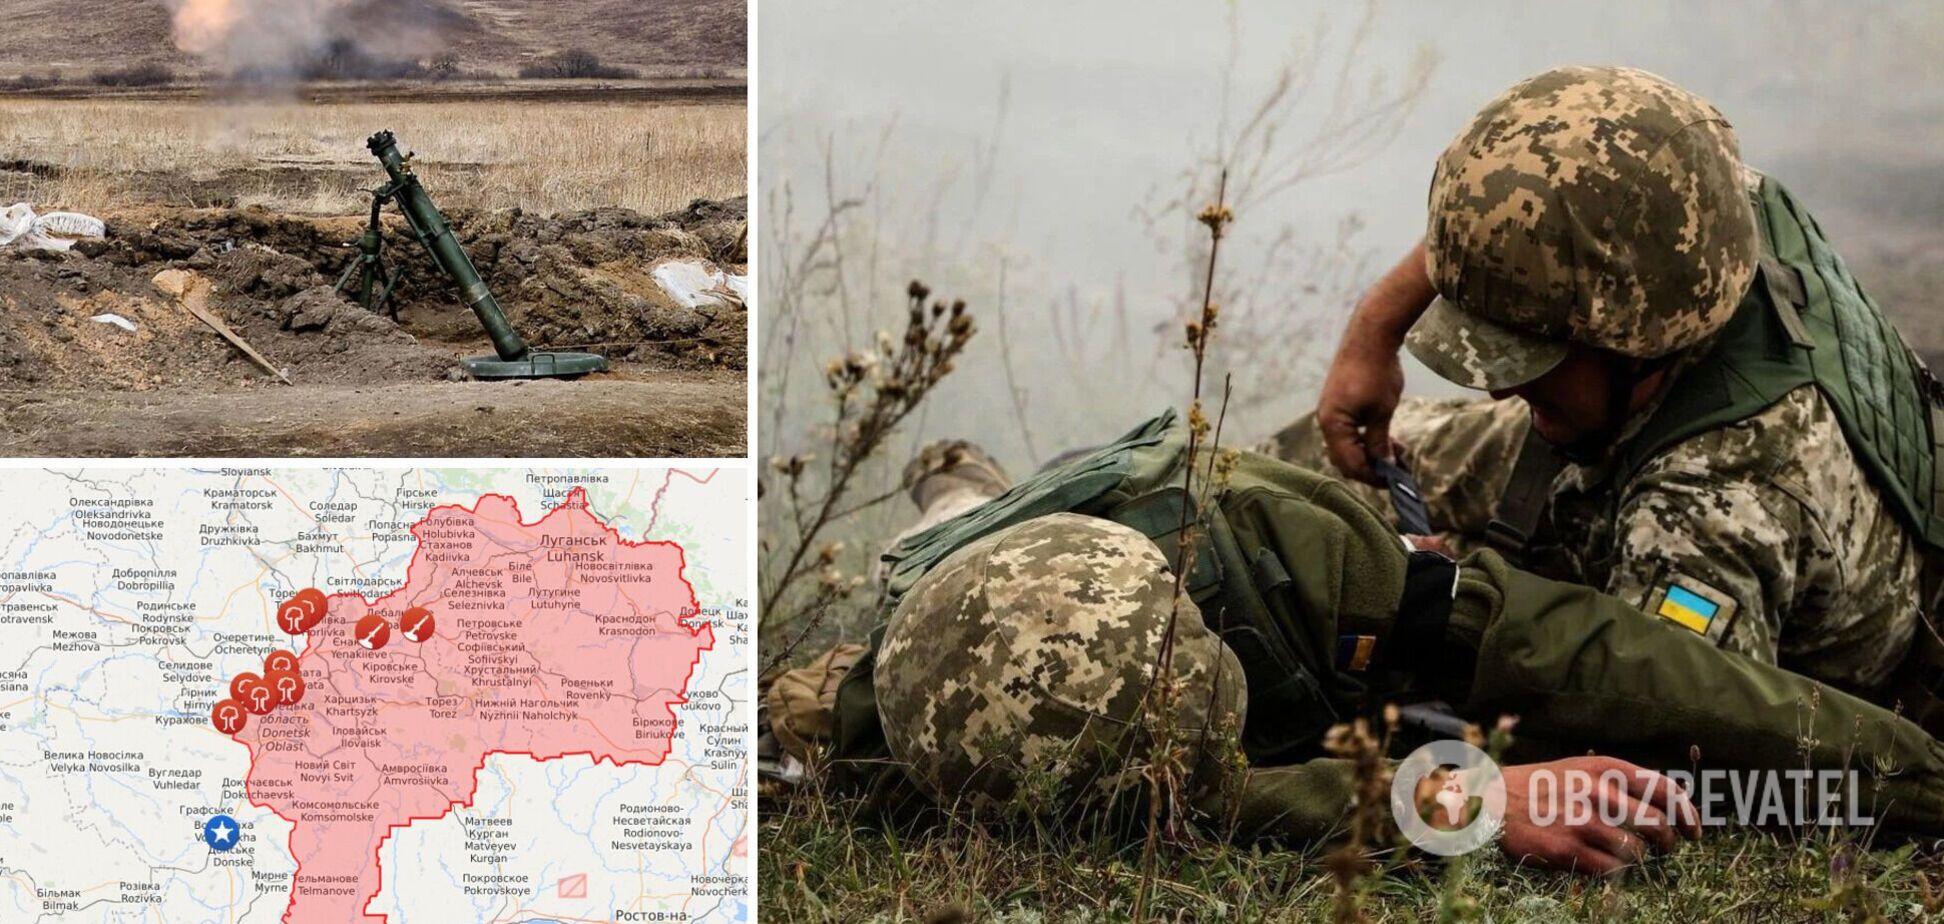 На Донбассе под огнем российских наемников погиб защитник Украины: названо имя Героя